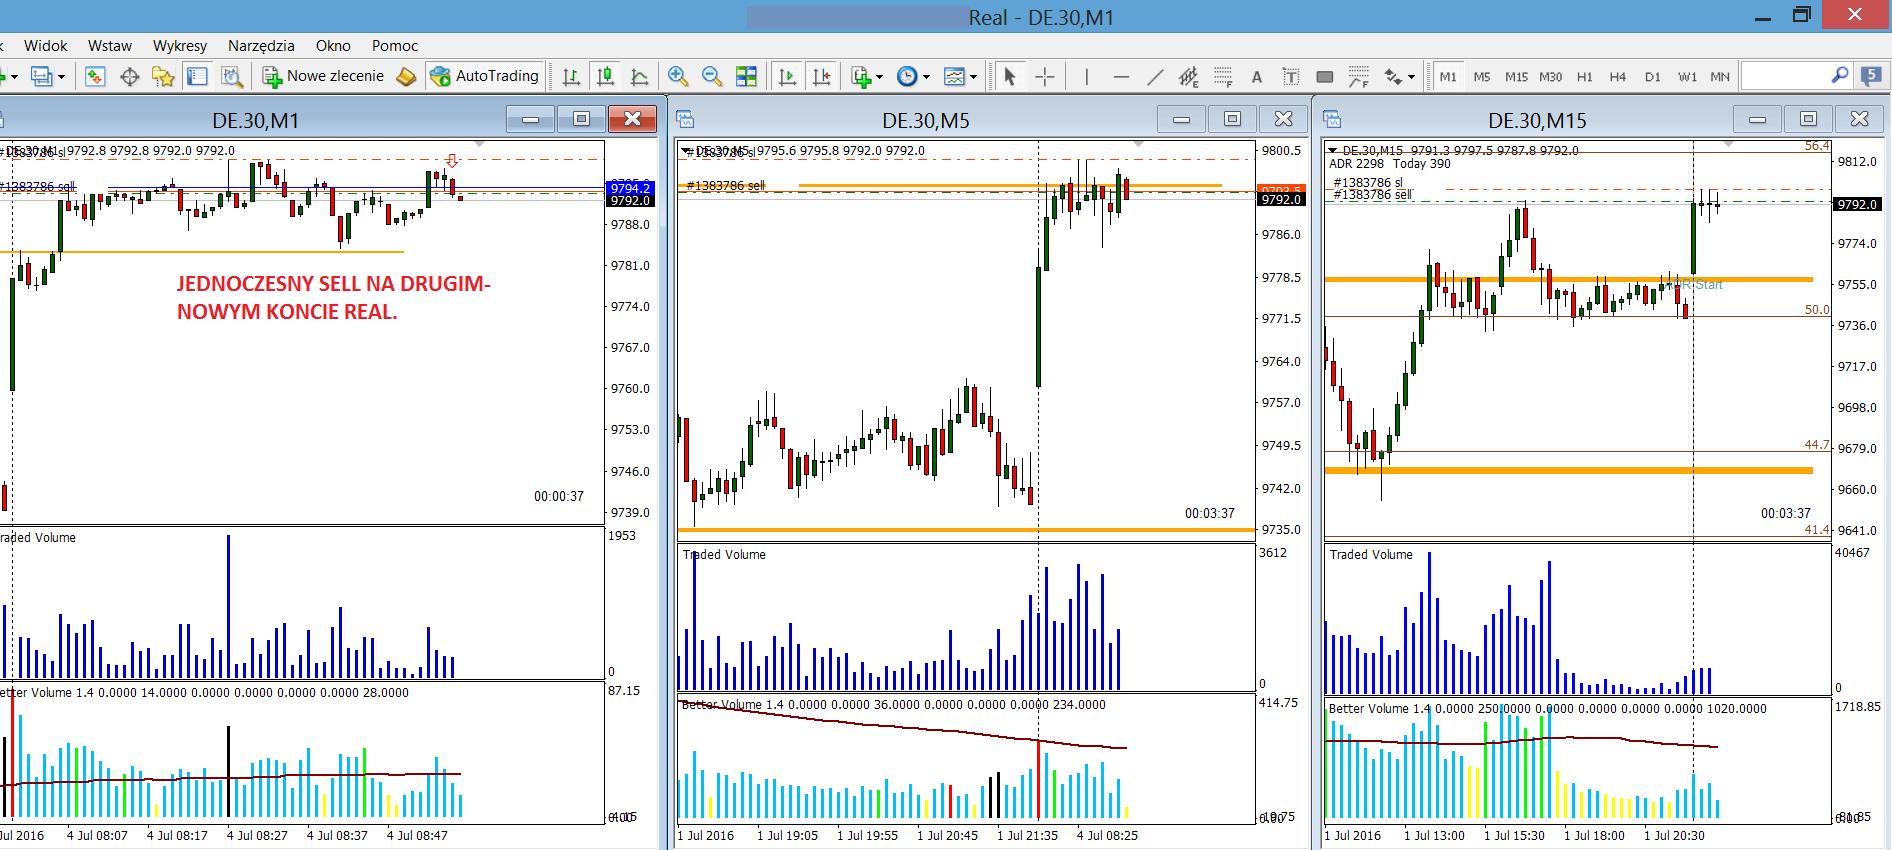 2-forex-skuteczna strategia-myforex-trader-trading-waluty-dax-prosta strategia tradingowa-broker-sukces-wolumen-vsa-świec japońskie-formacje świecowe-poziomy fibo-scalping